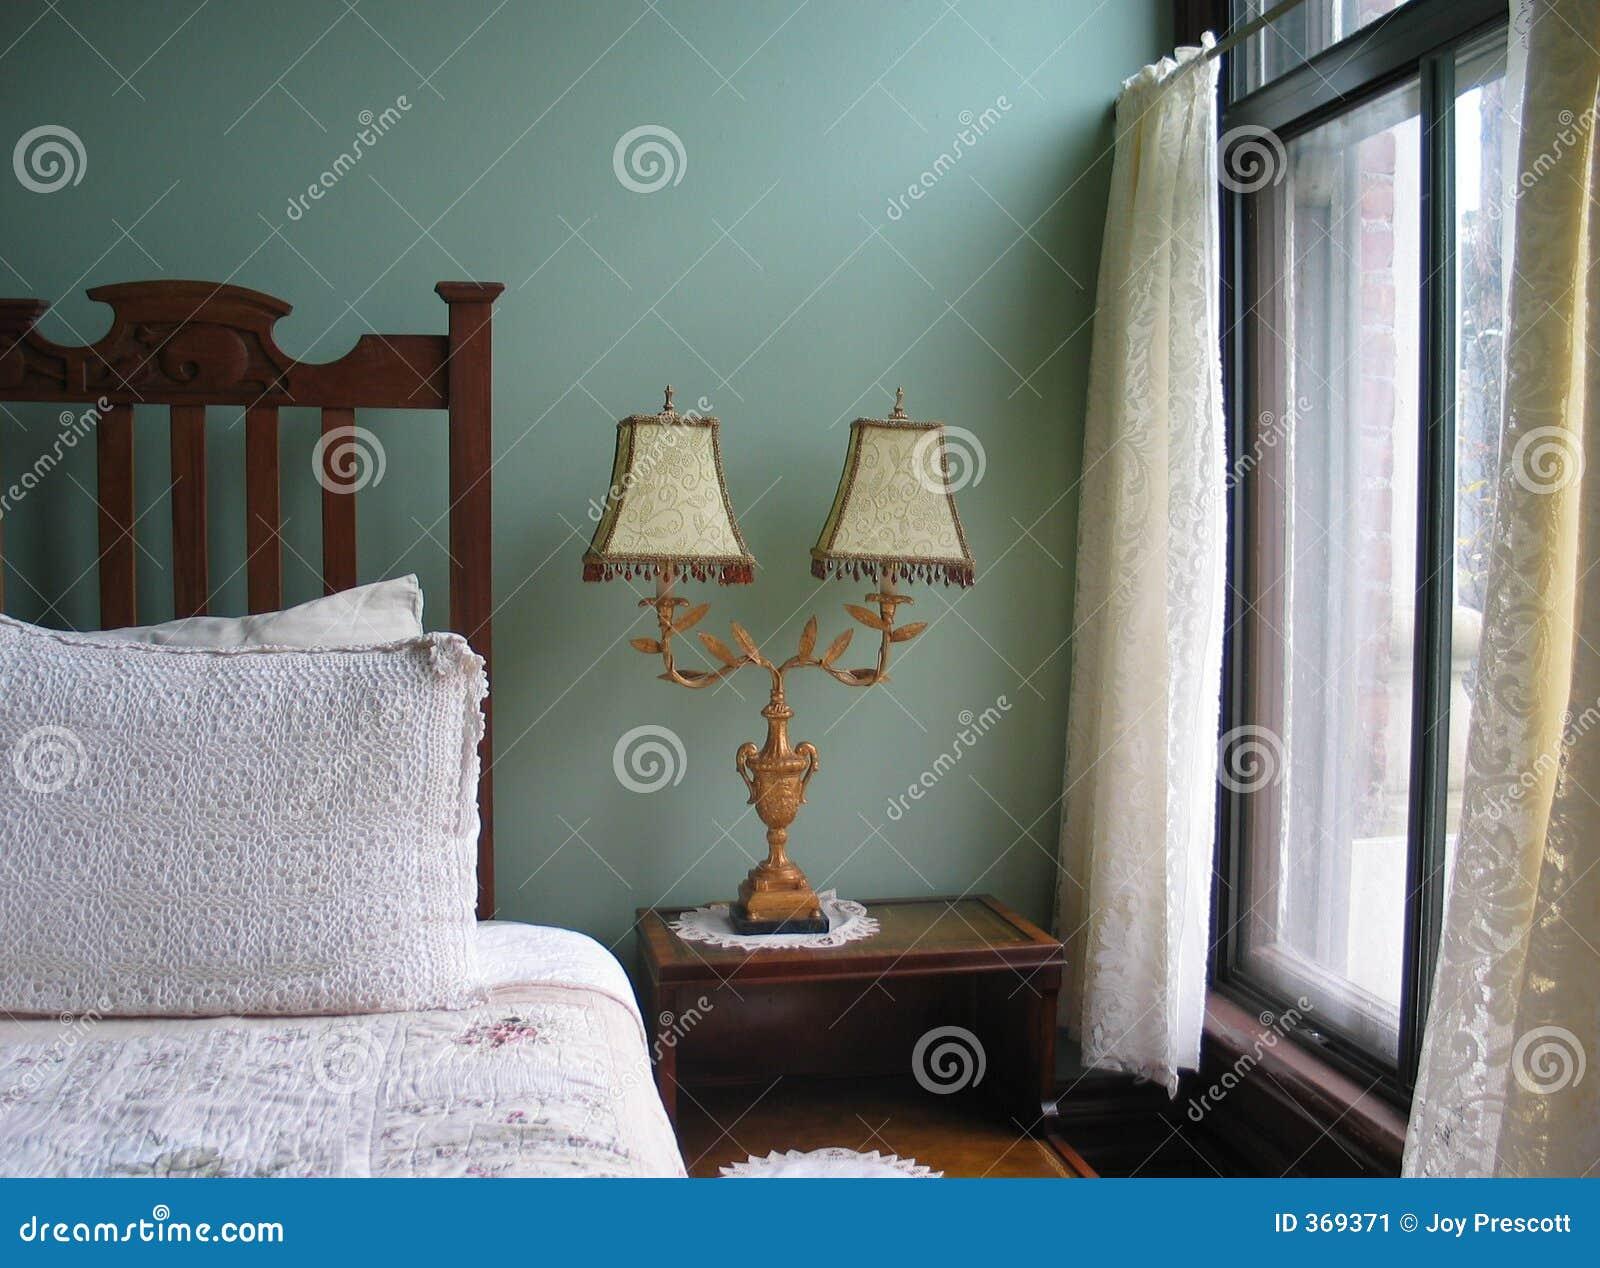 Rustige Slaapkamer Stock Afbeelding - Afbeelding: 369371